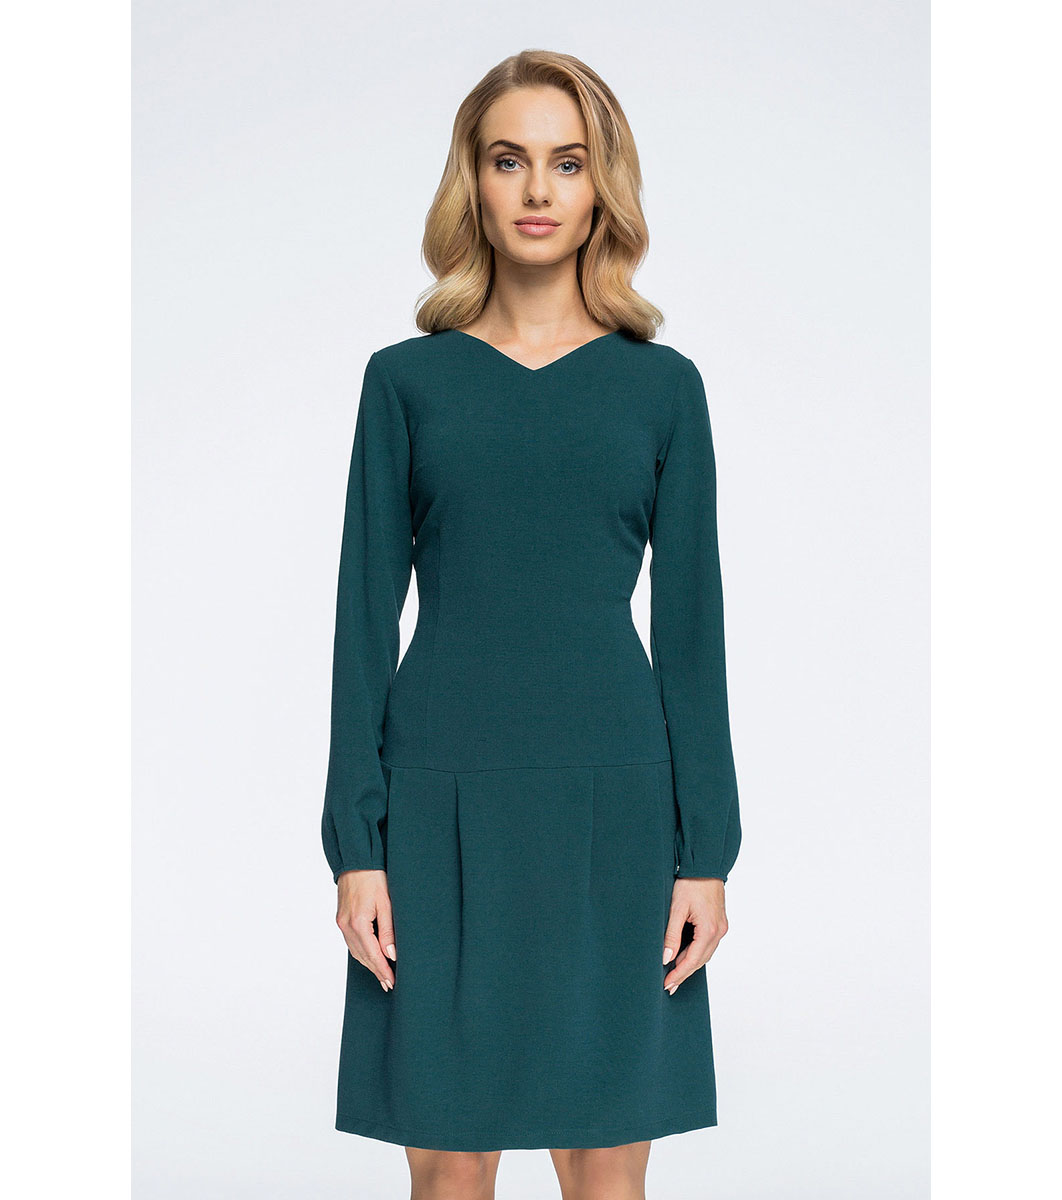 0cee8bca4e2 Зелена рокля с дълъг ръкав Roya - 2305097 - Fashion Supreme.co.uk